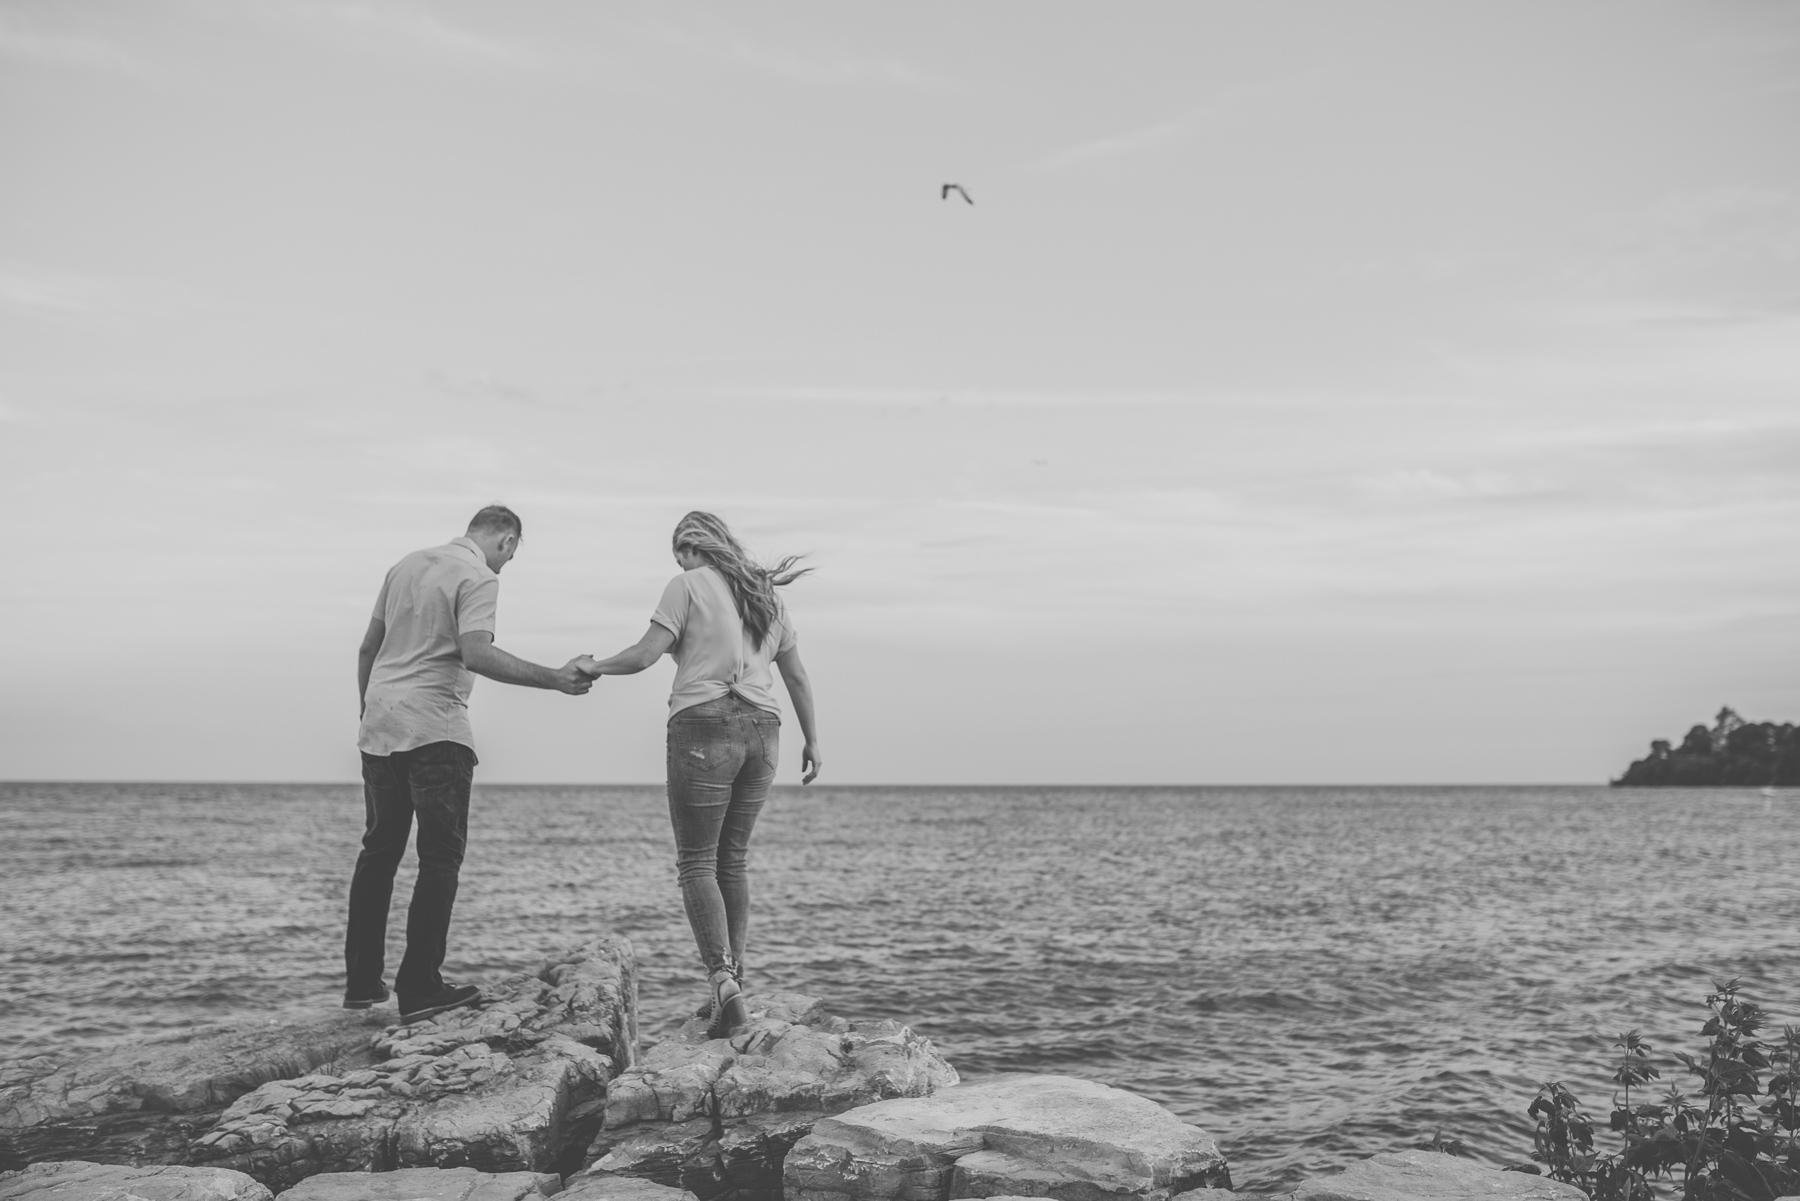 Couple walking along lake in bw